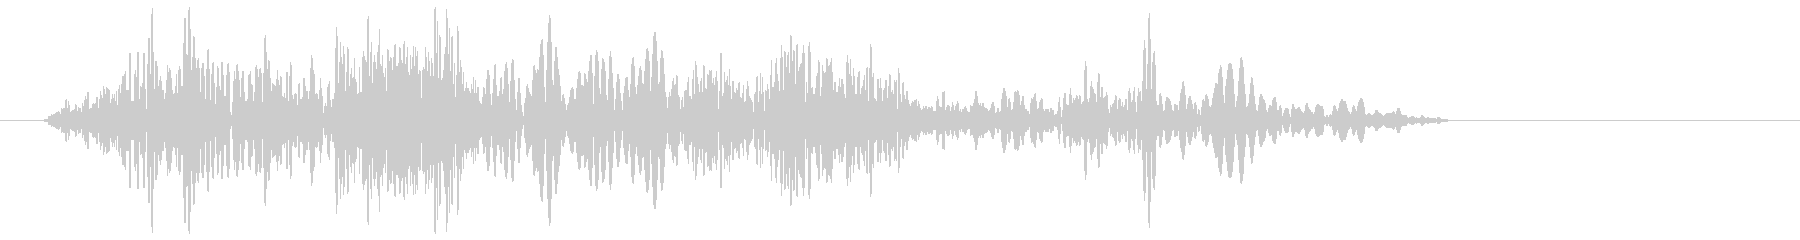 ロープが巻き取られる音の未再生の波形